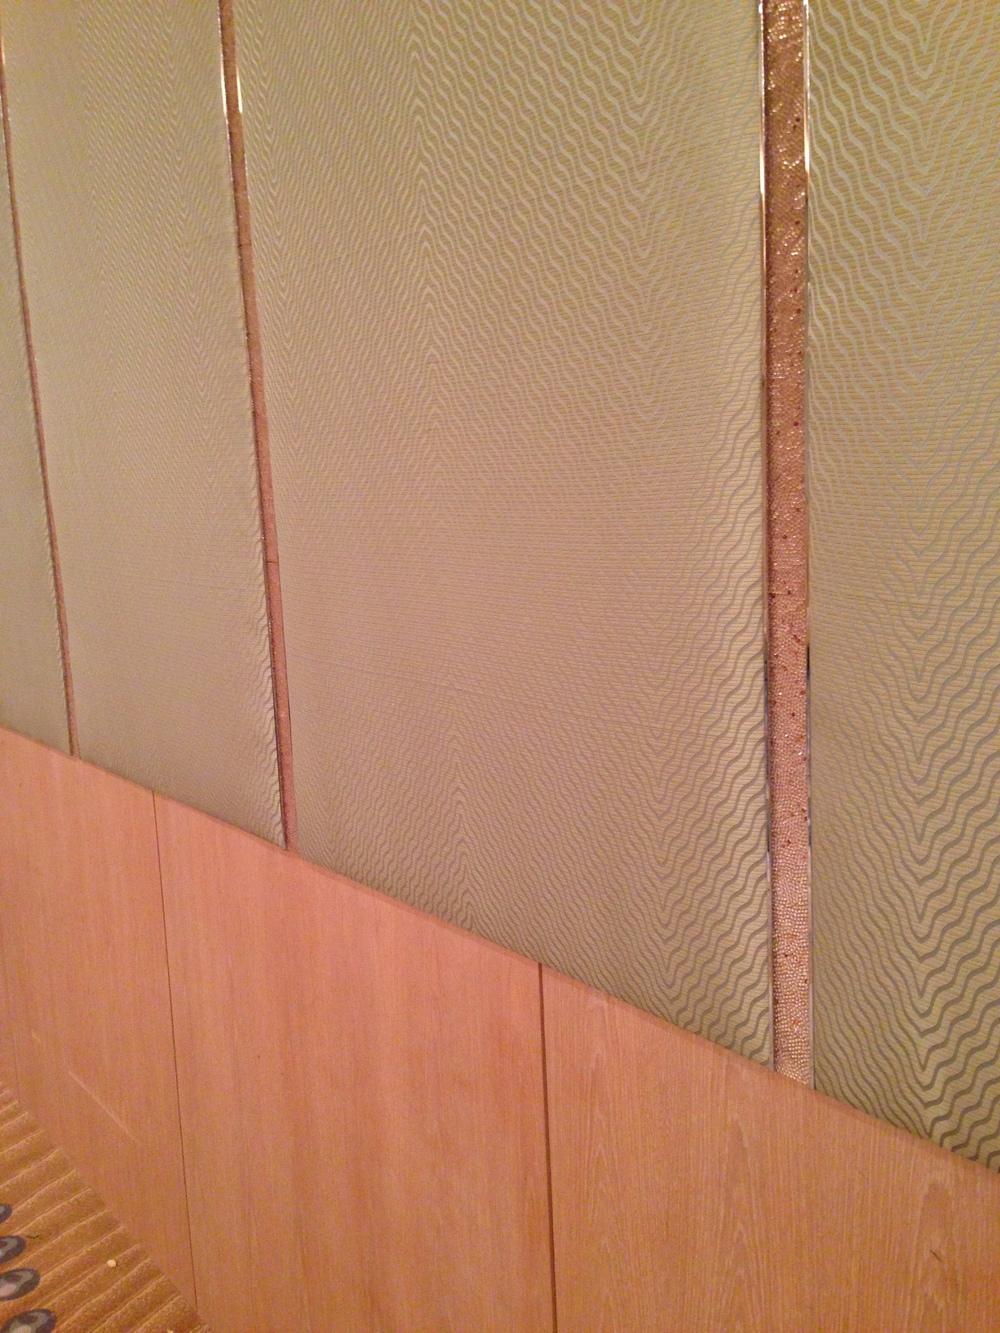 Ballroom Panels-Detail.JPG